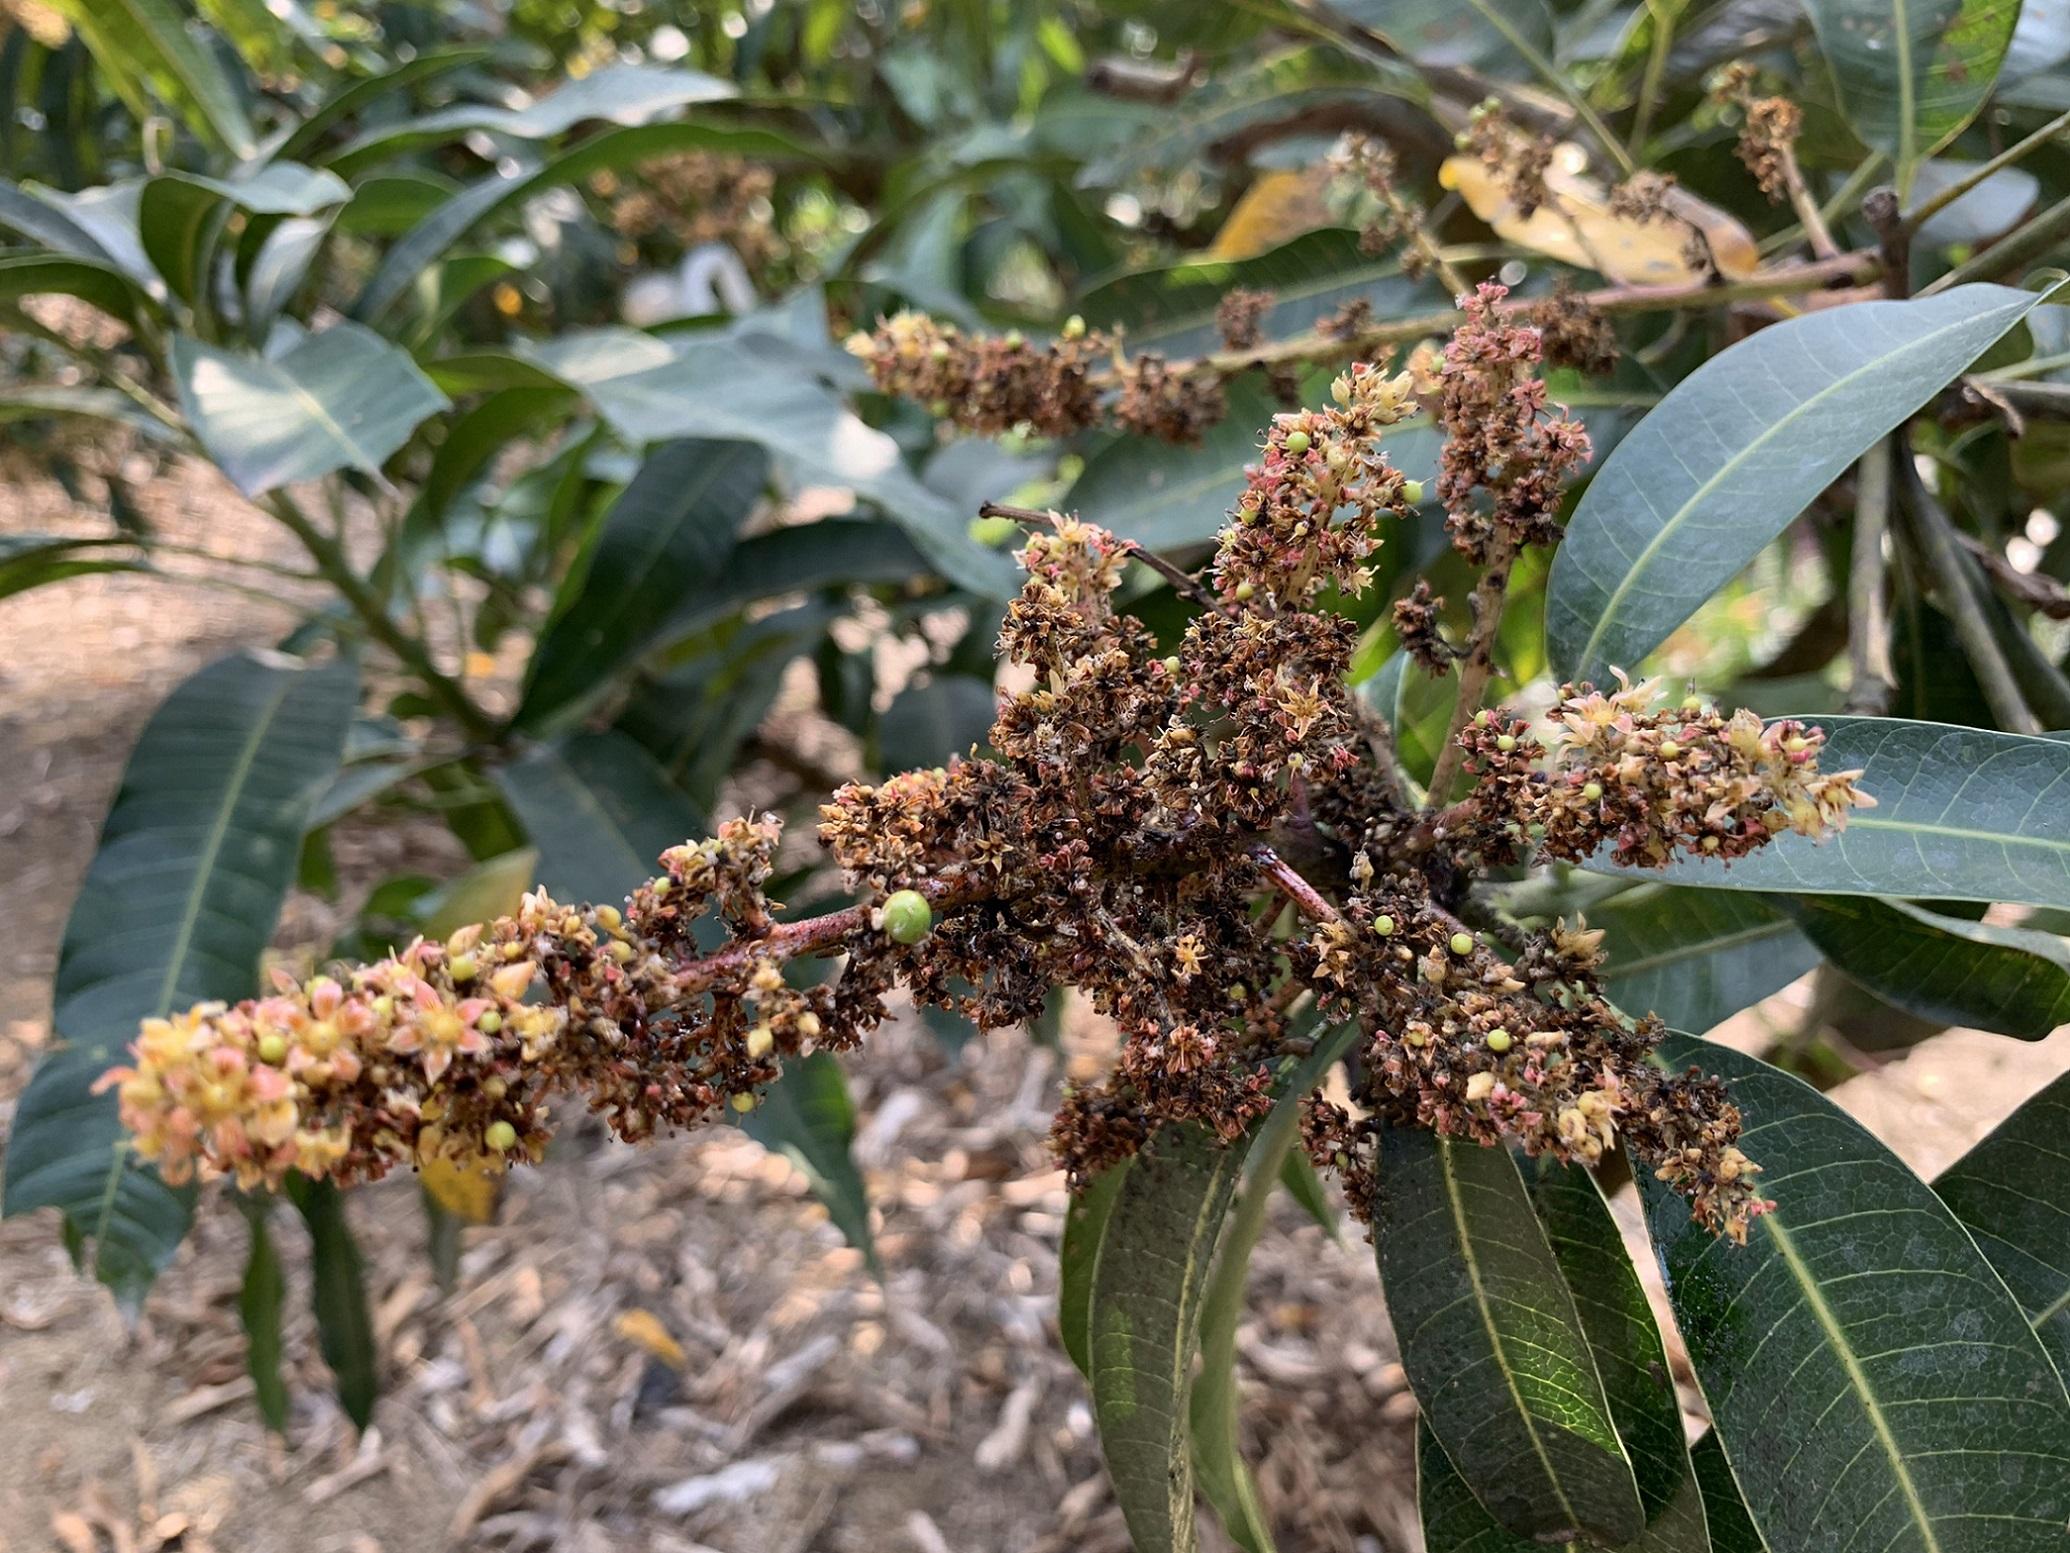 葉蟬危害芒果花穗,嚴重時引起黴煙病。